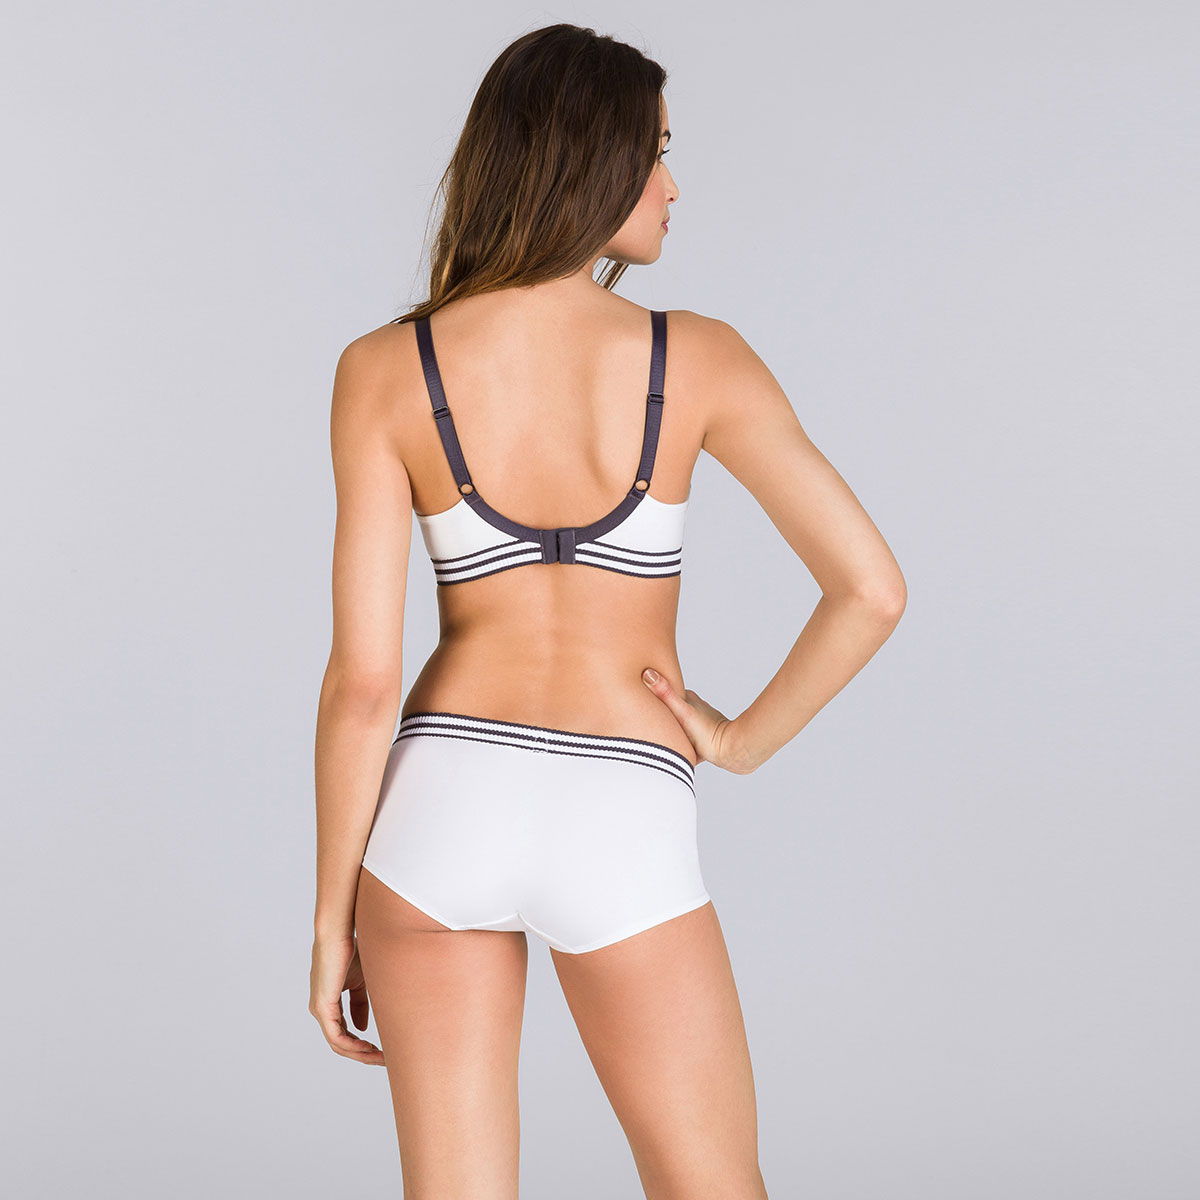 Soutien-gorge sans armature blanc & gris - Sporty Chic-PLAYTEX